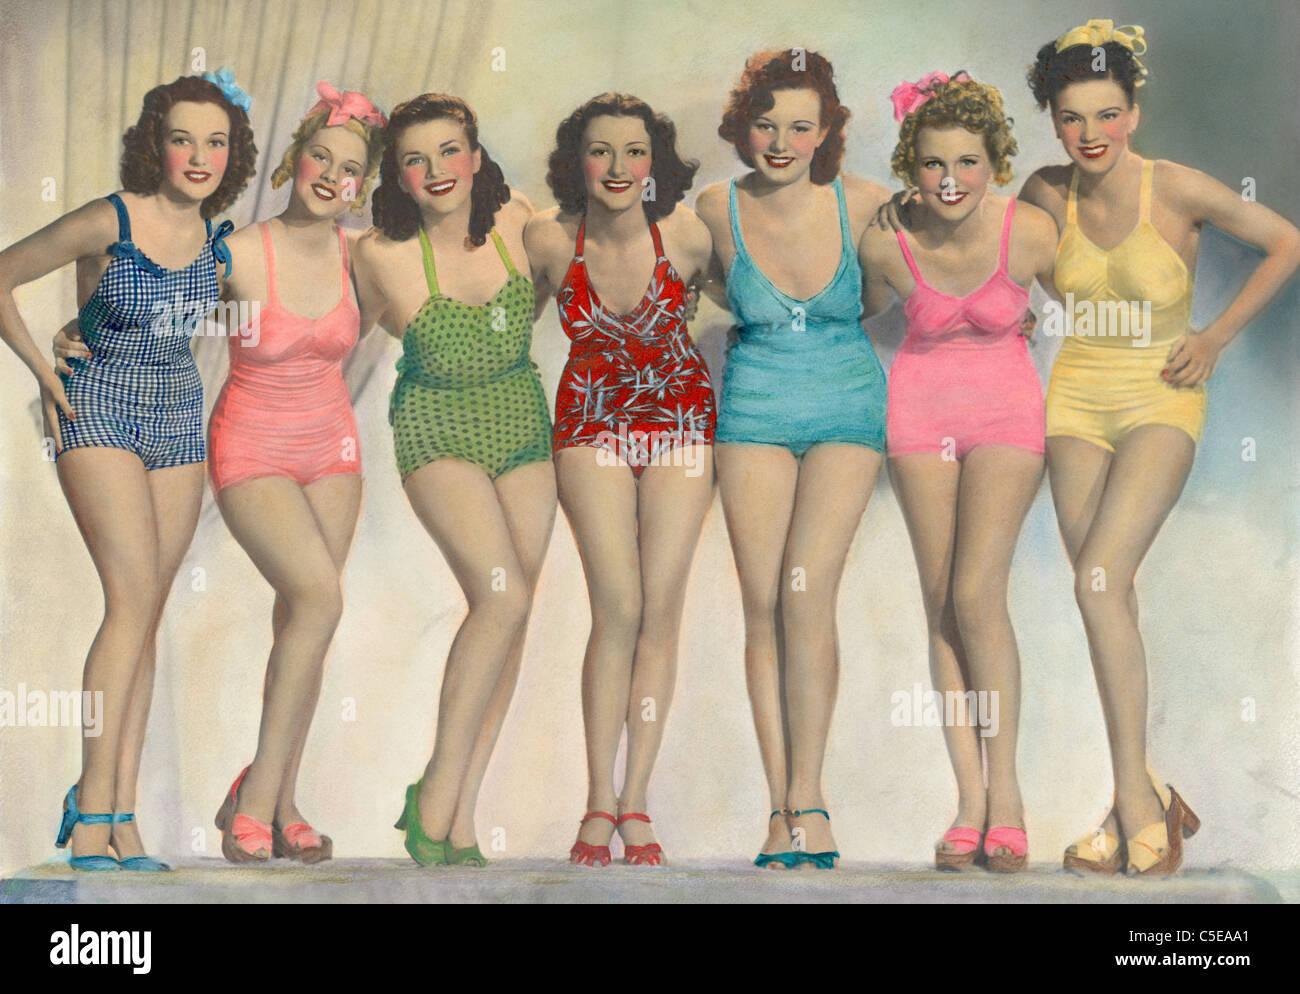 Le donne in posa di costumi da bagno Immagini Stock